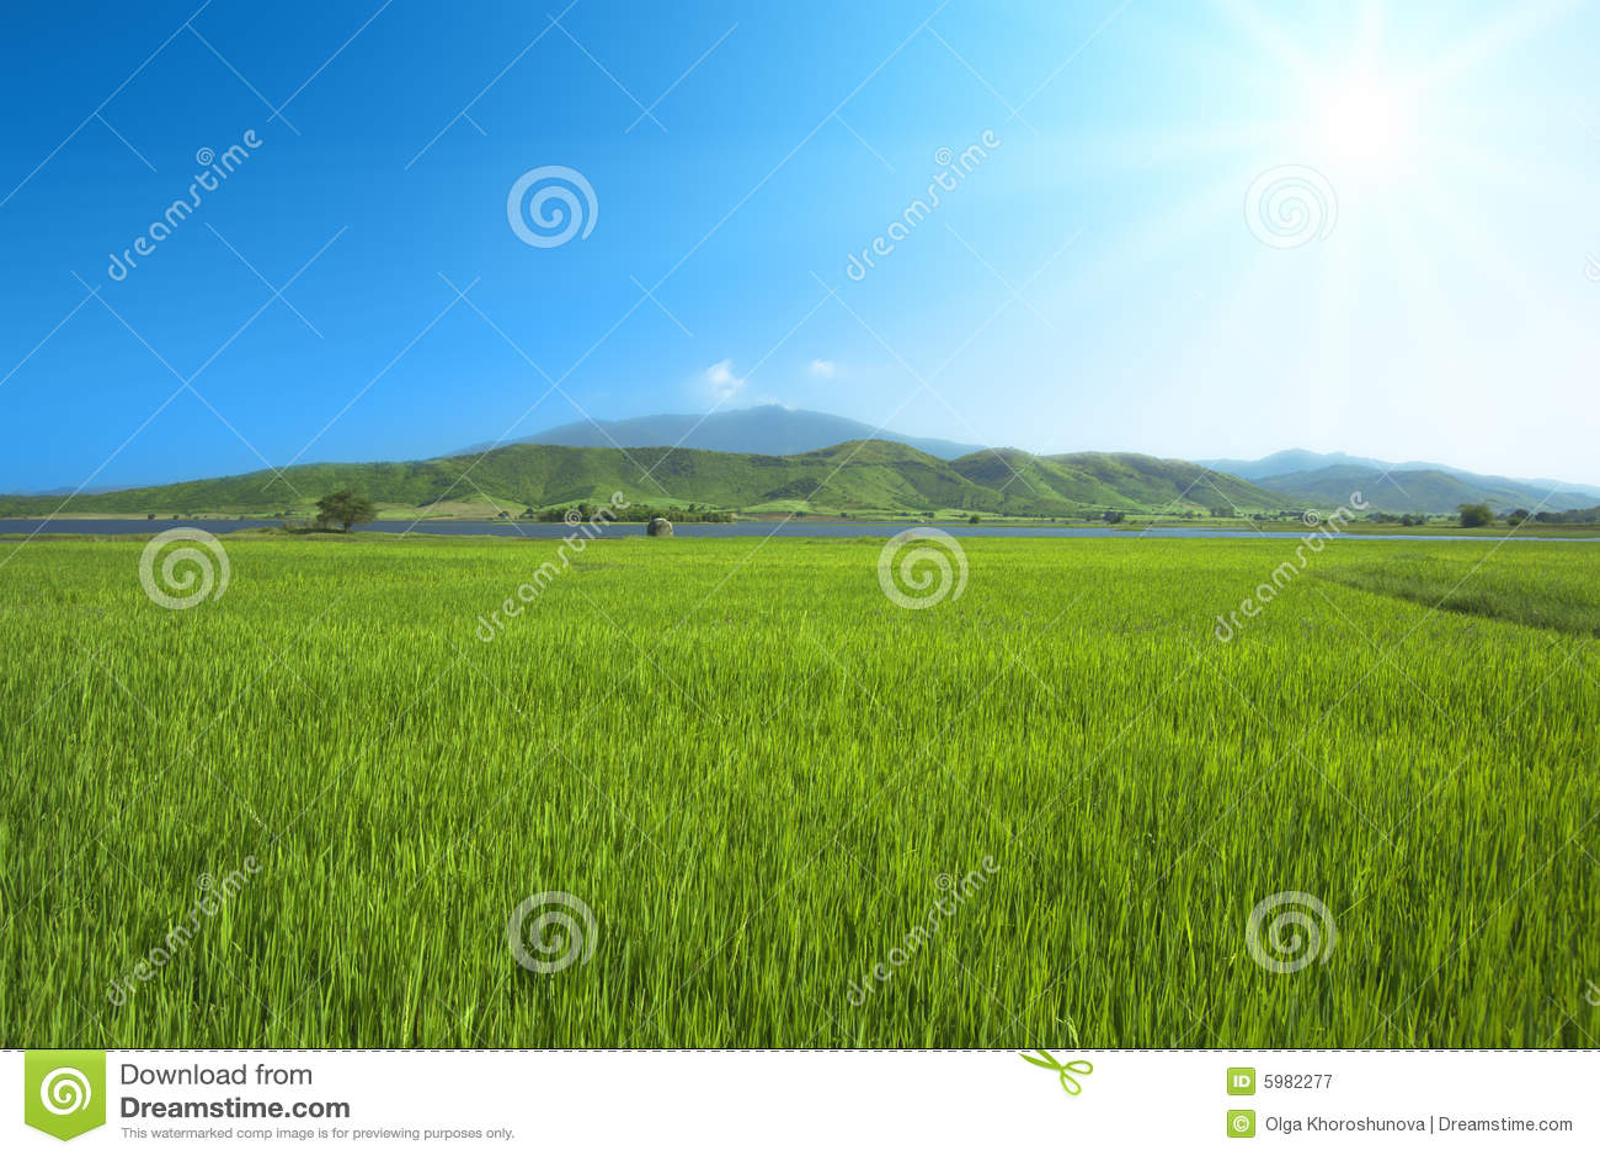 Prato verde immagine stock immagine di campo verde for Prato verde